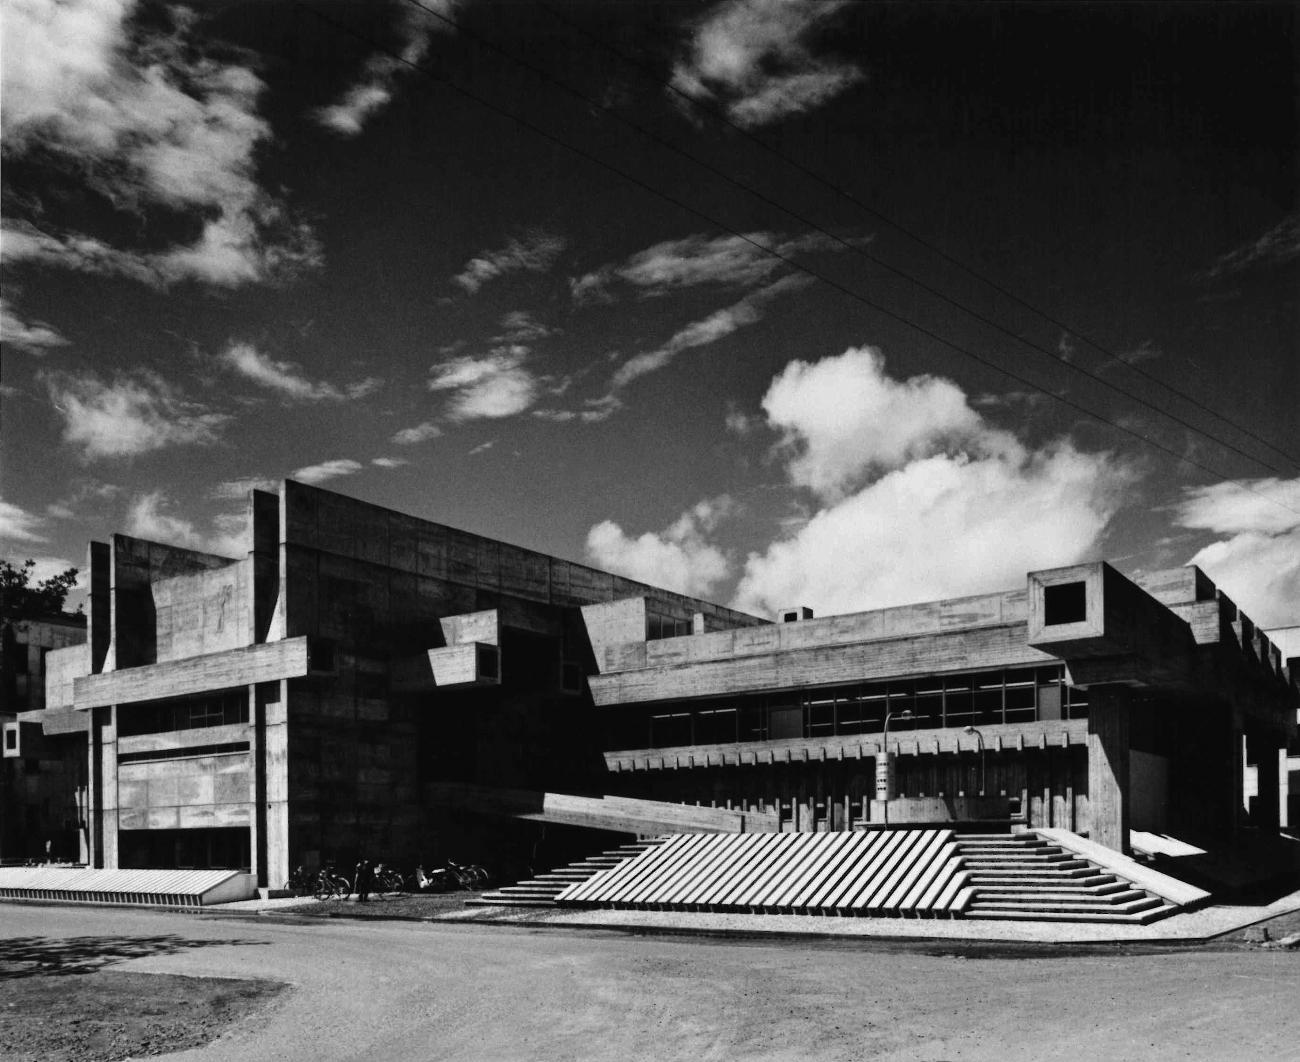 کتابخانه پیش دانشگاهی Ōita